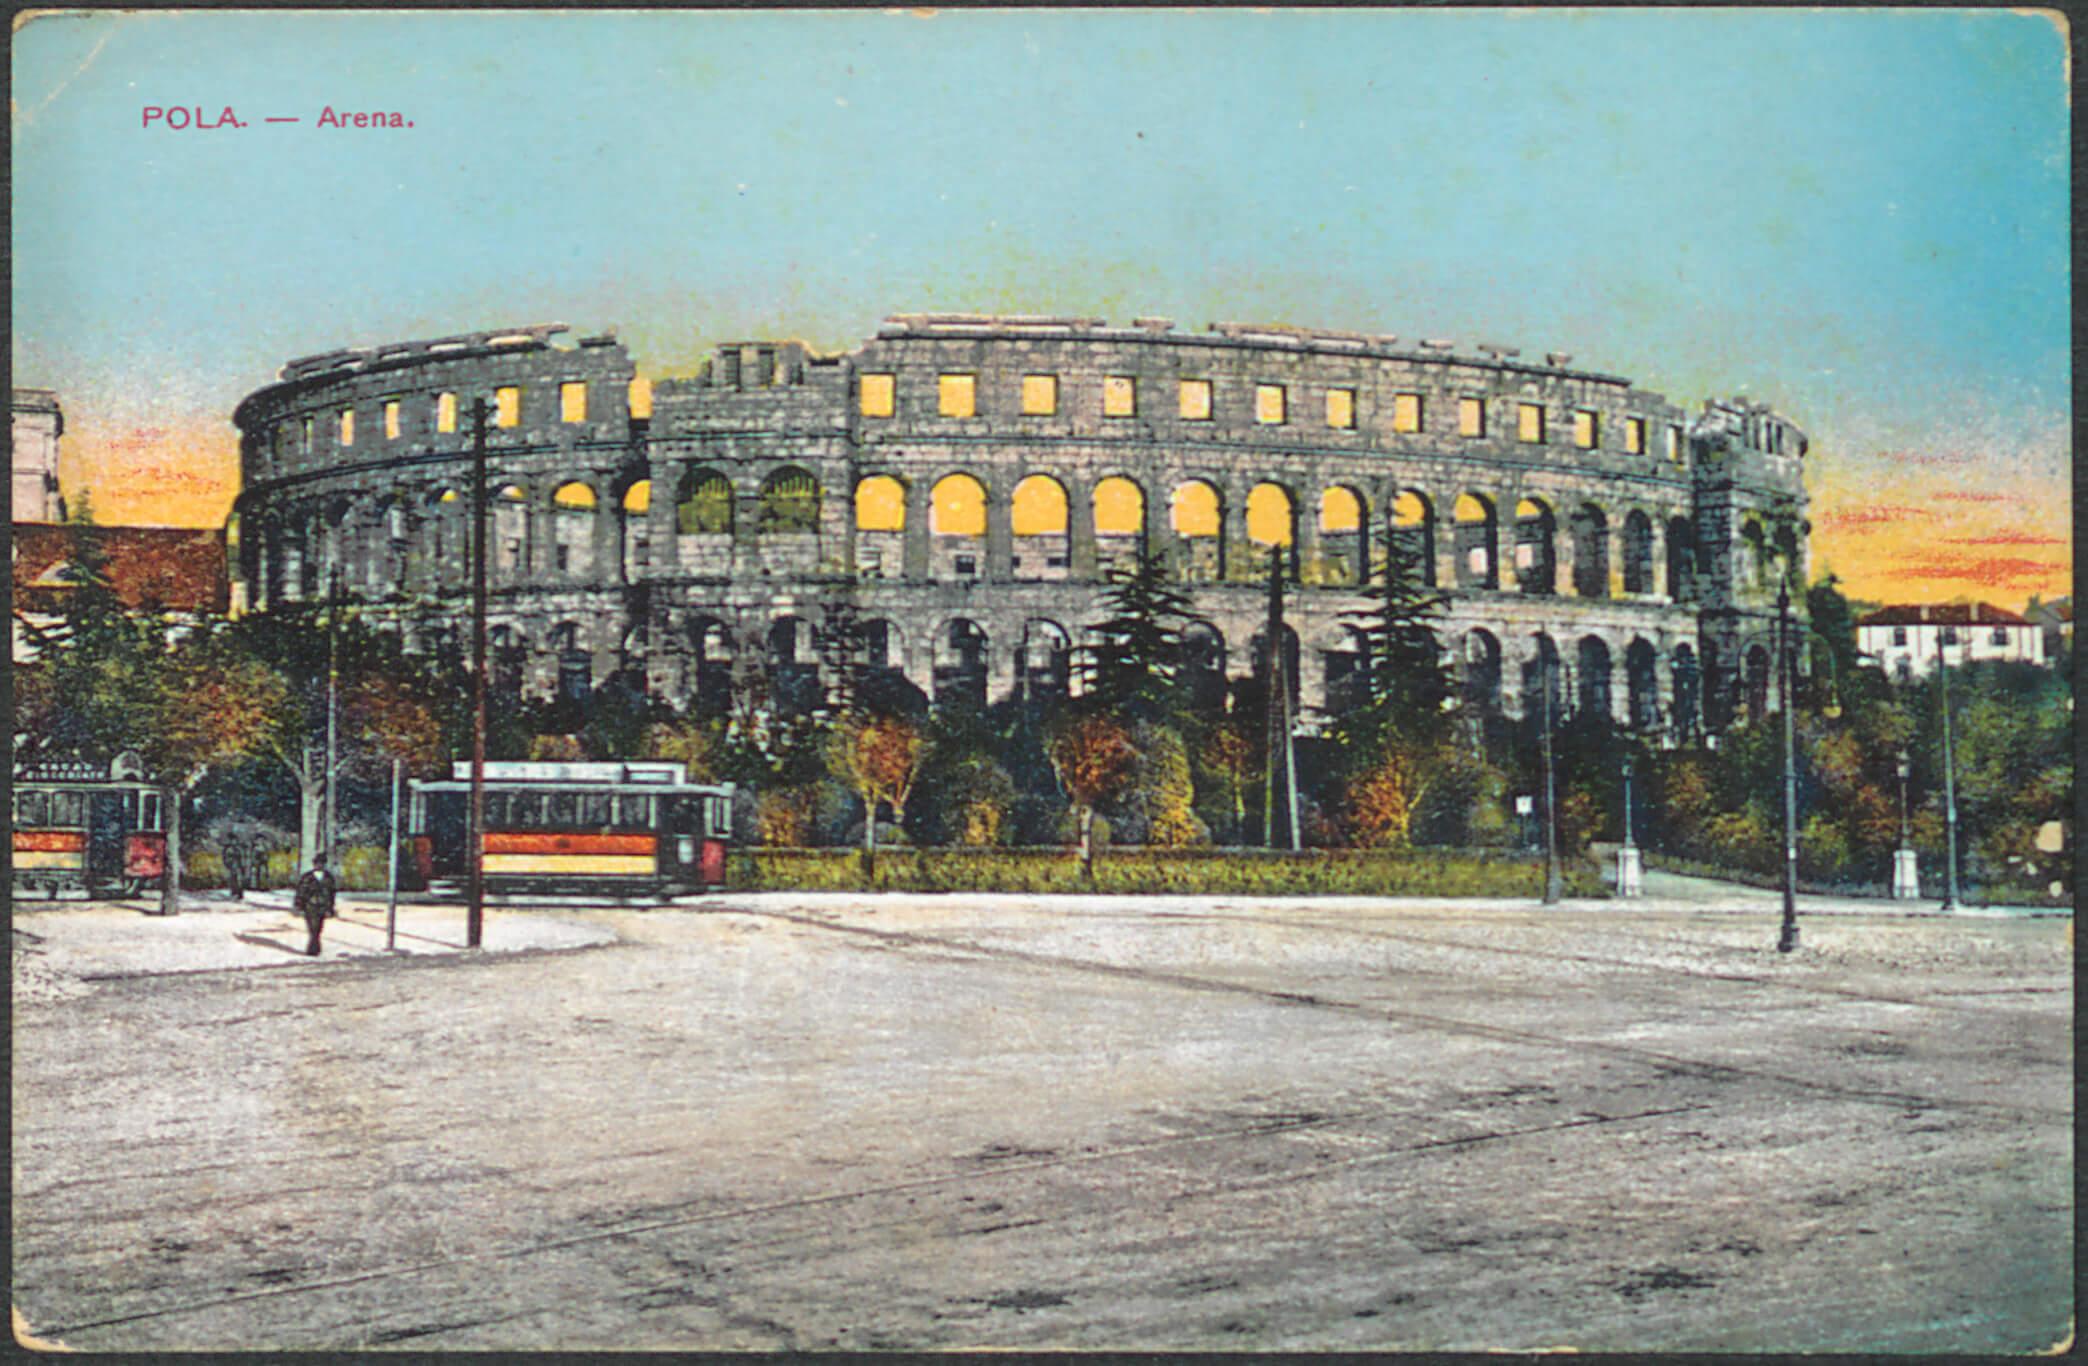 Pola [Pula]: Arena (M. Schulz, 1915.). Grafička zbirka Nacionalne i sveučilišne knjižnice u Zagrebu.